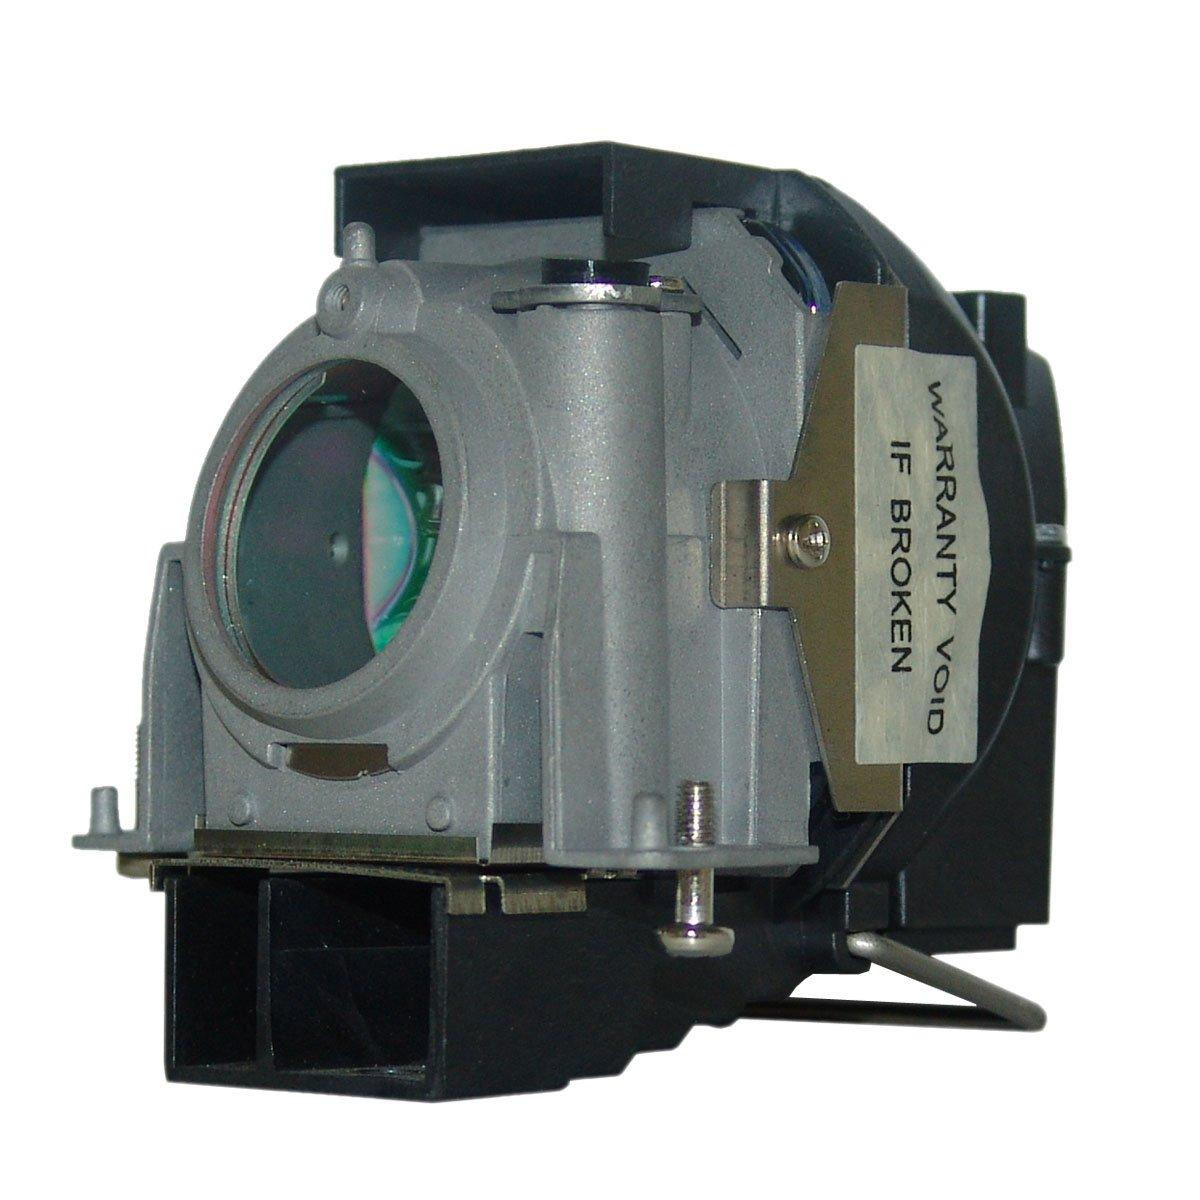 交換用プロジェクターランプ NP02LP / 50031755 ハウジング付き NEC NP40 / NP50 / NP-40G / NP-50Gプロジェクター用   B00AUJGNRU